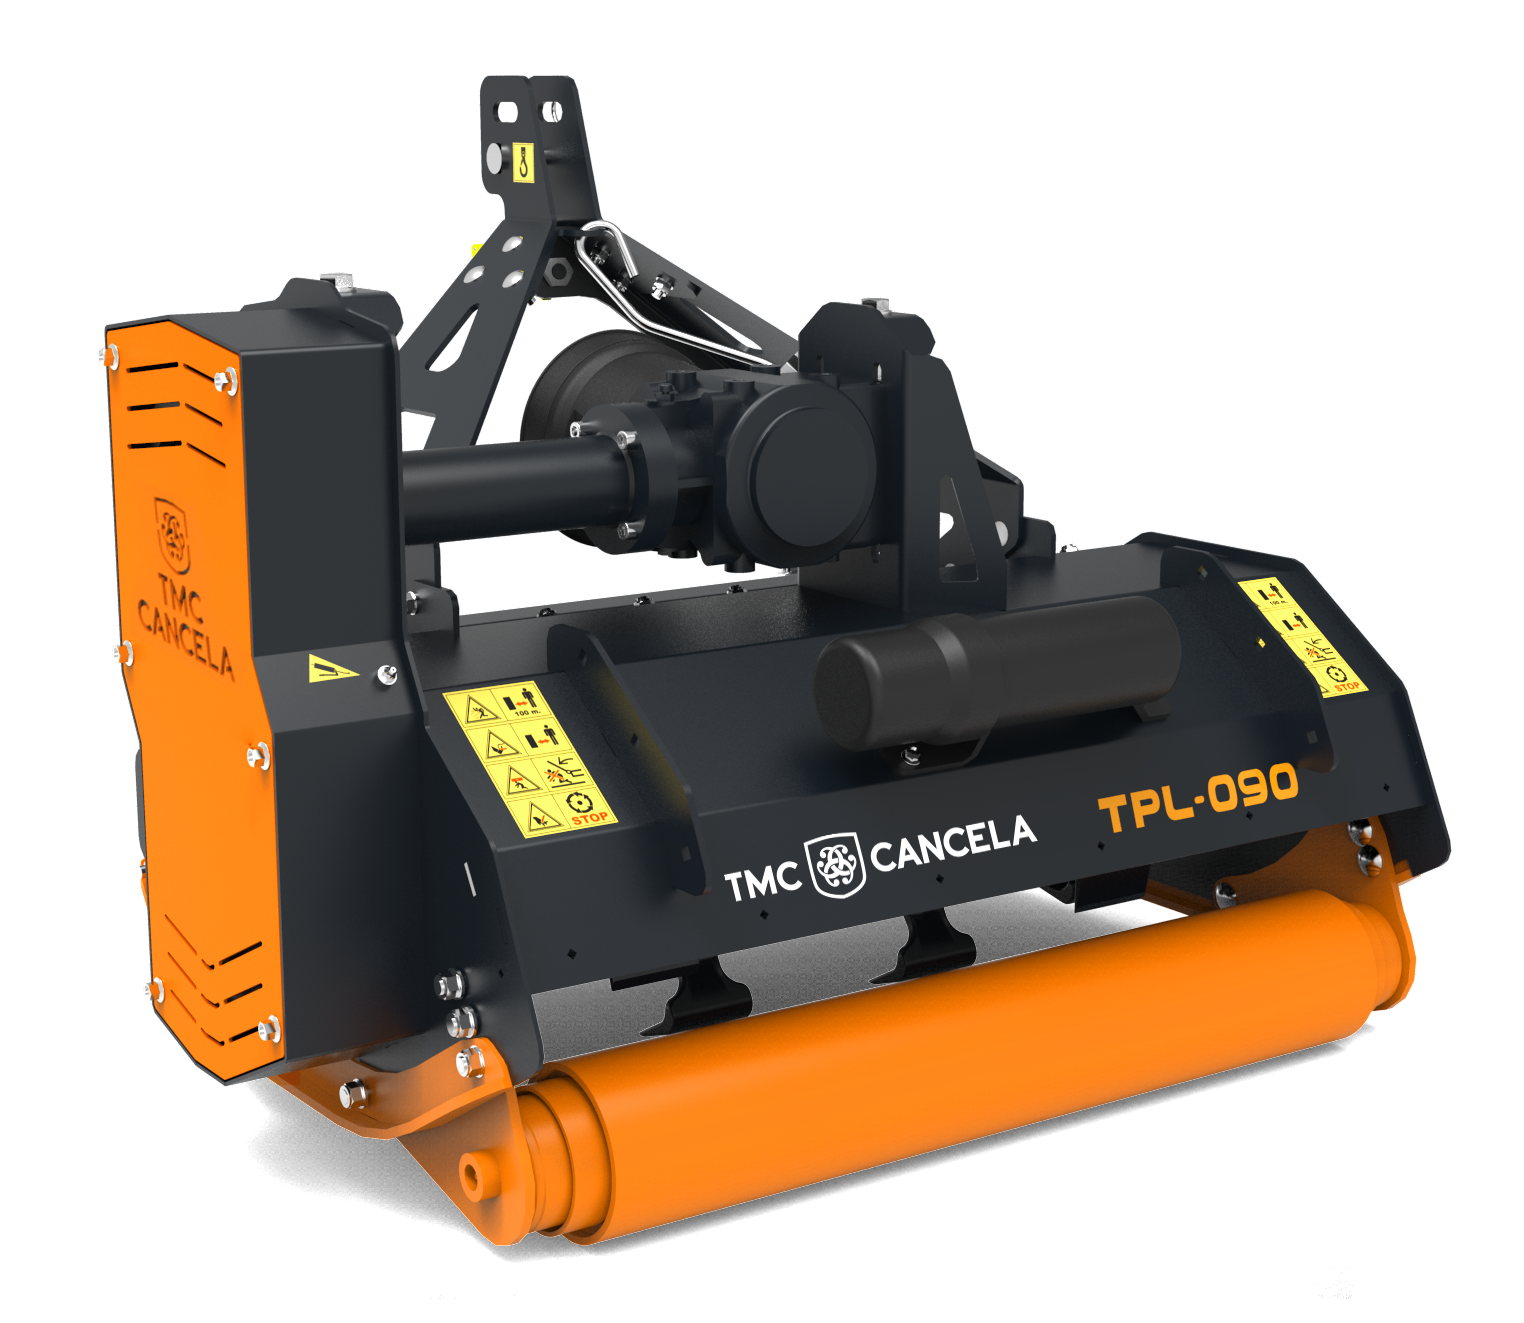 TPL 090 04.8 Maquina